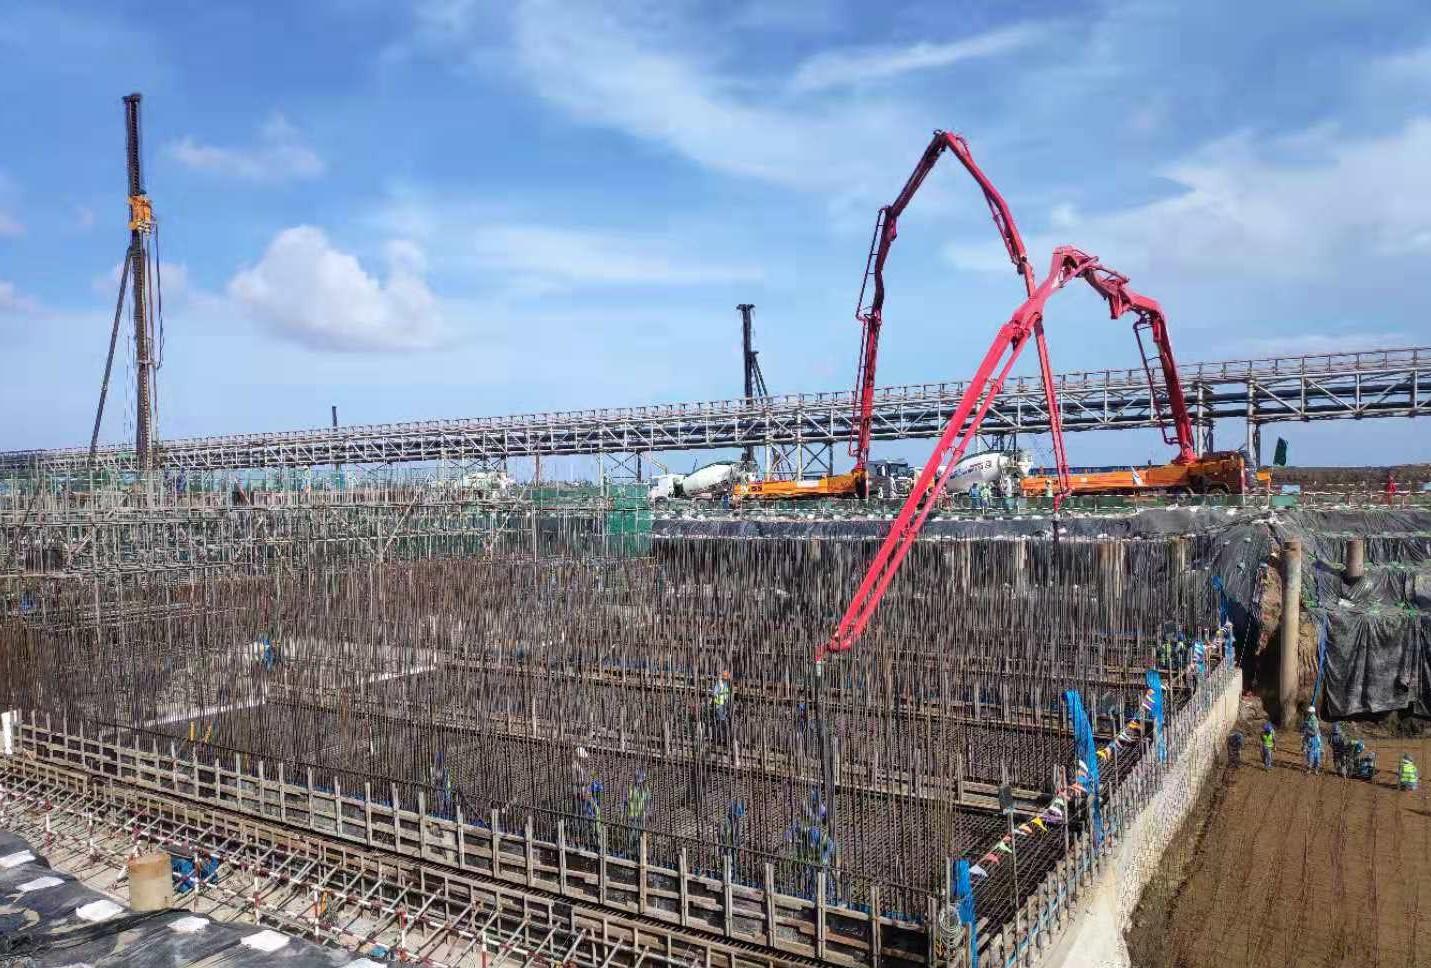 三一重工泵车、混凝土搅拌运输车浇筑现场 - 西北电建四公司越南项目曝气池第四段底板及部分板墙混凝土浇筑完成